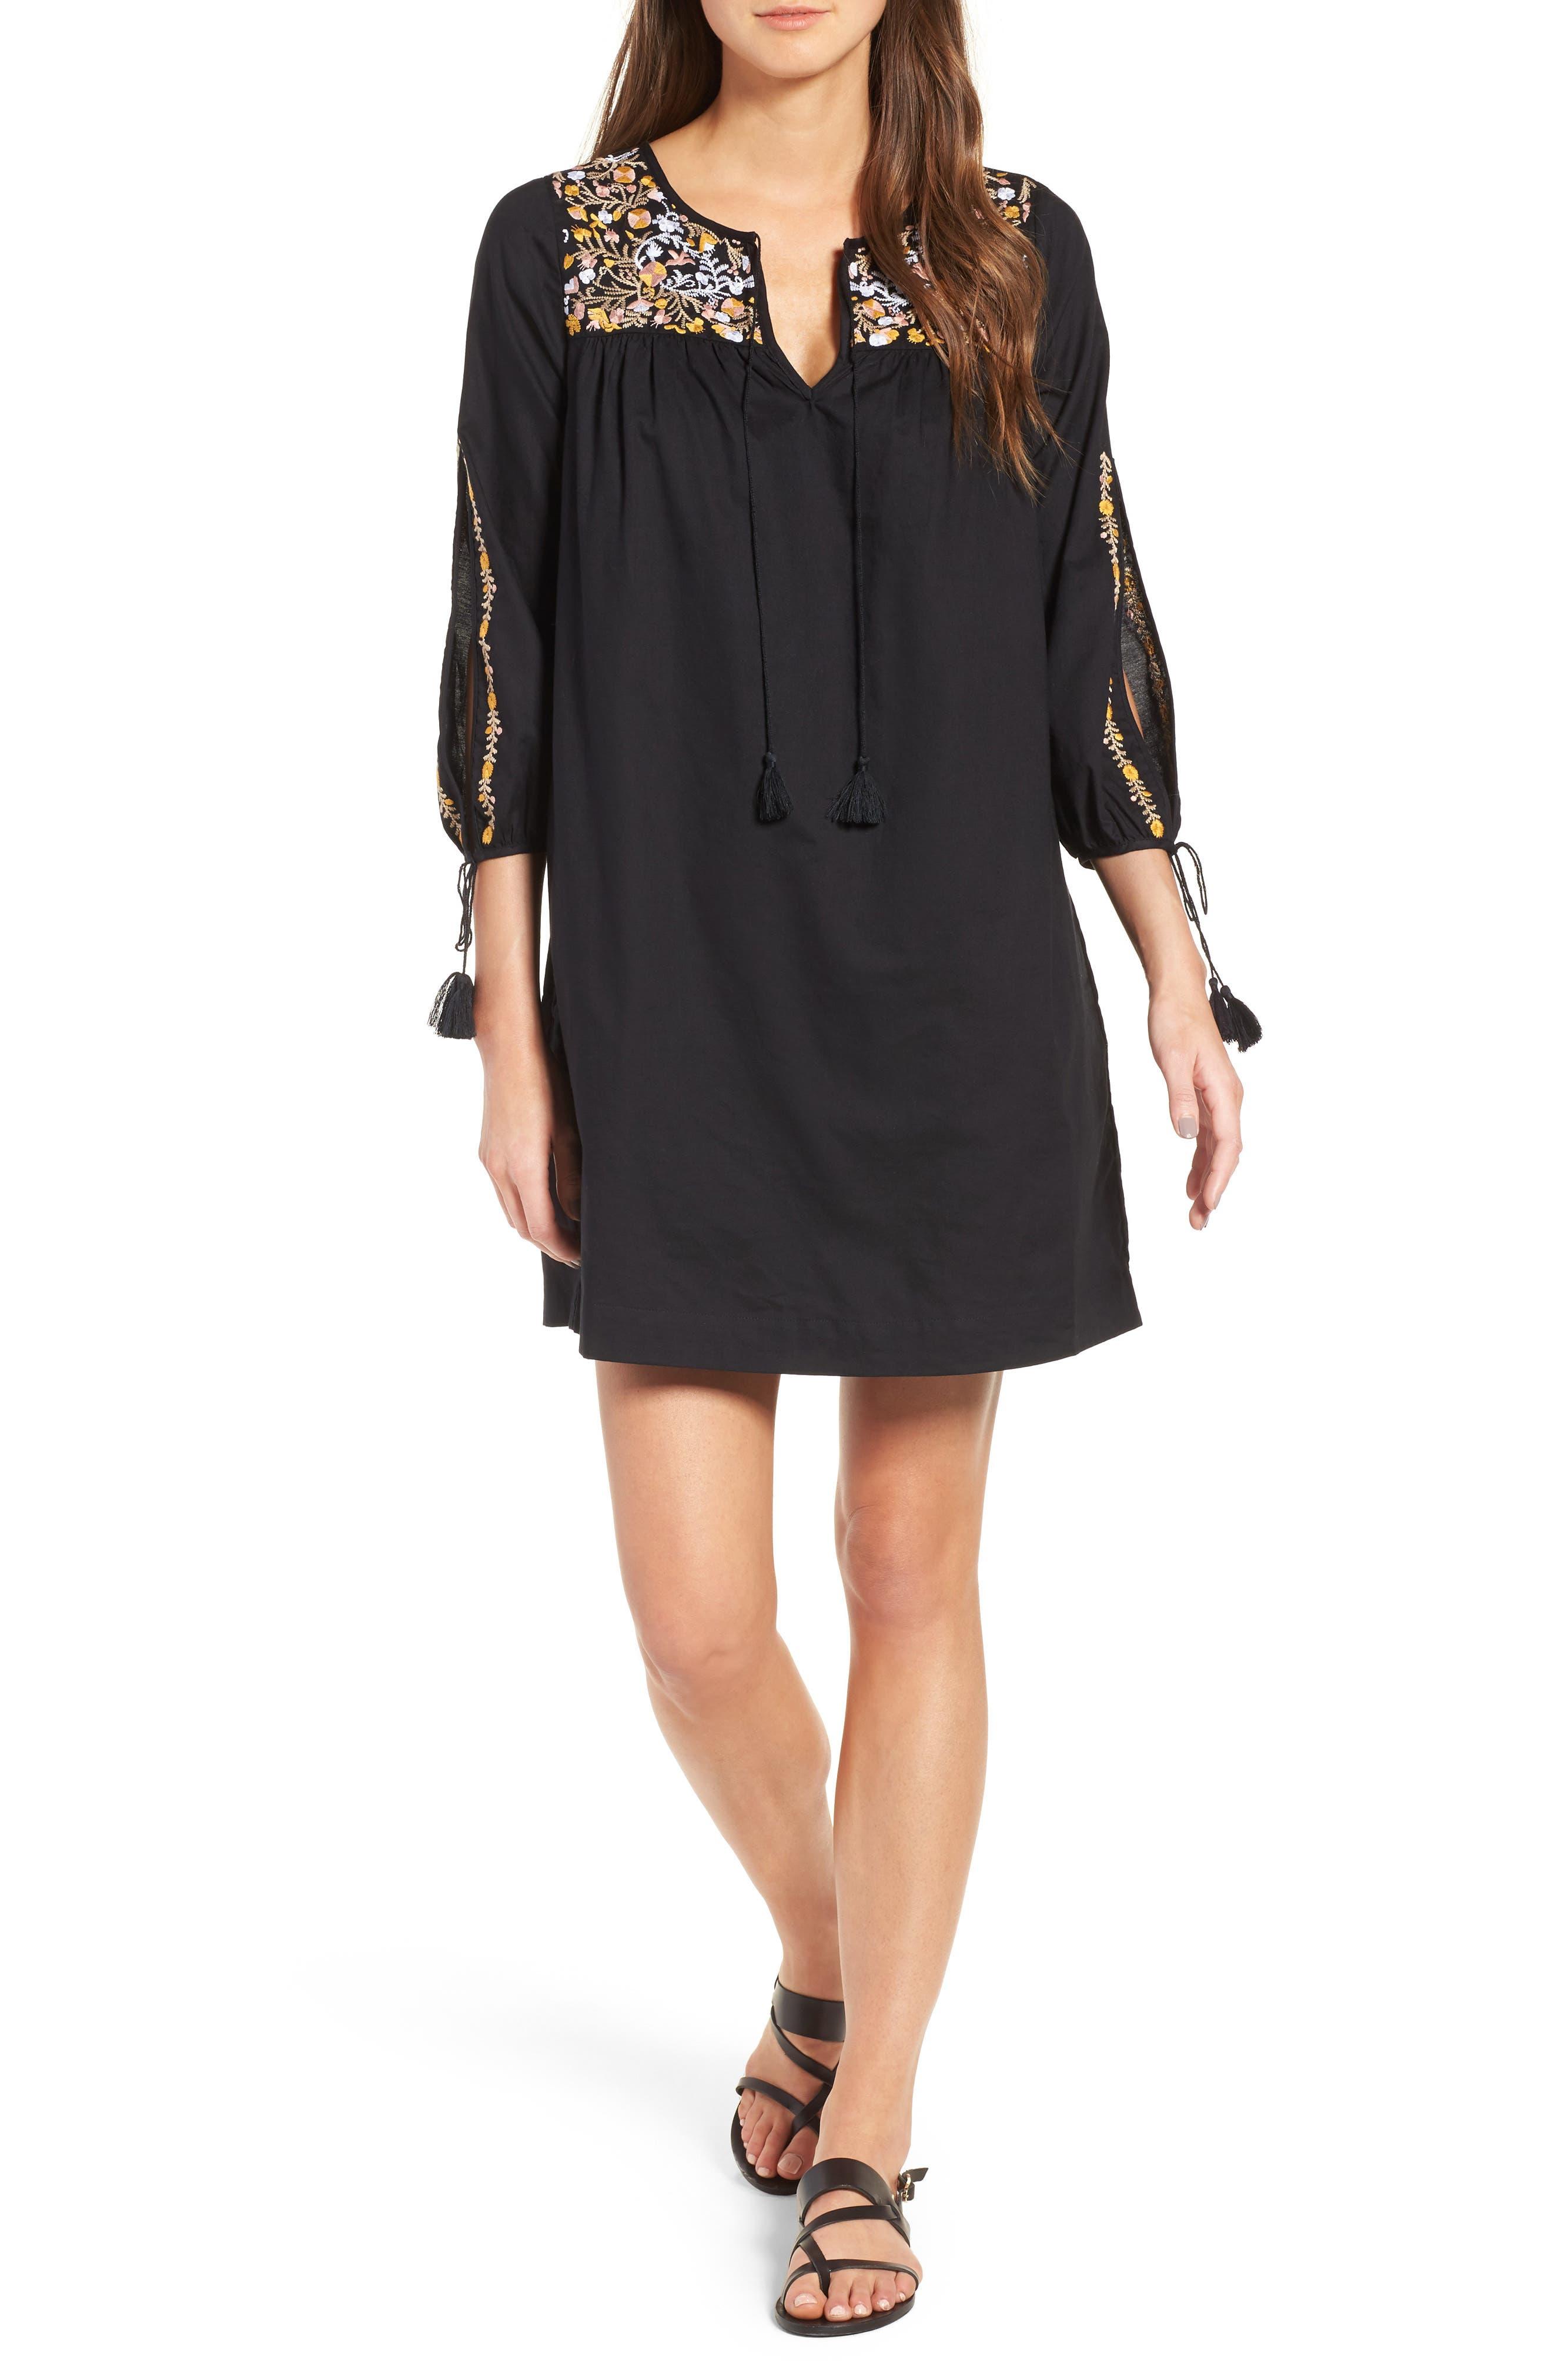 Alternate Image 1 Selected - Madewell Embroidered Slit Sleeve Dress